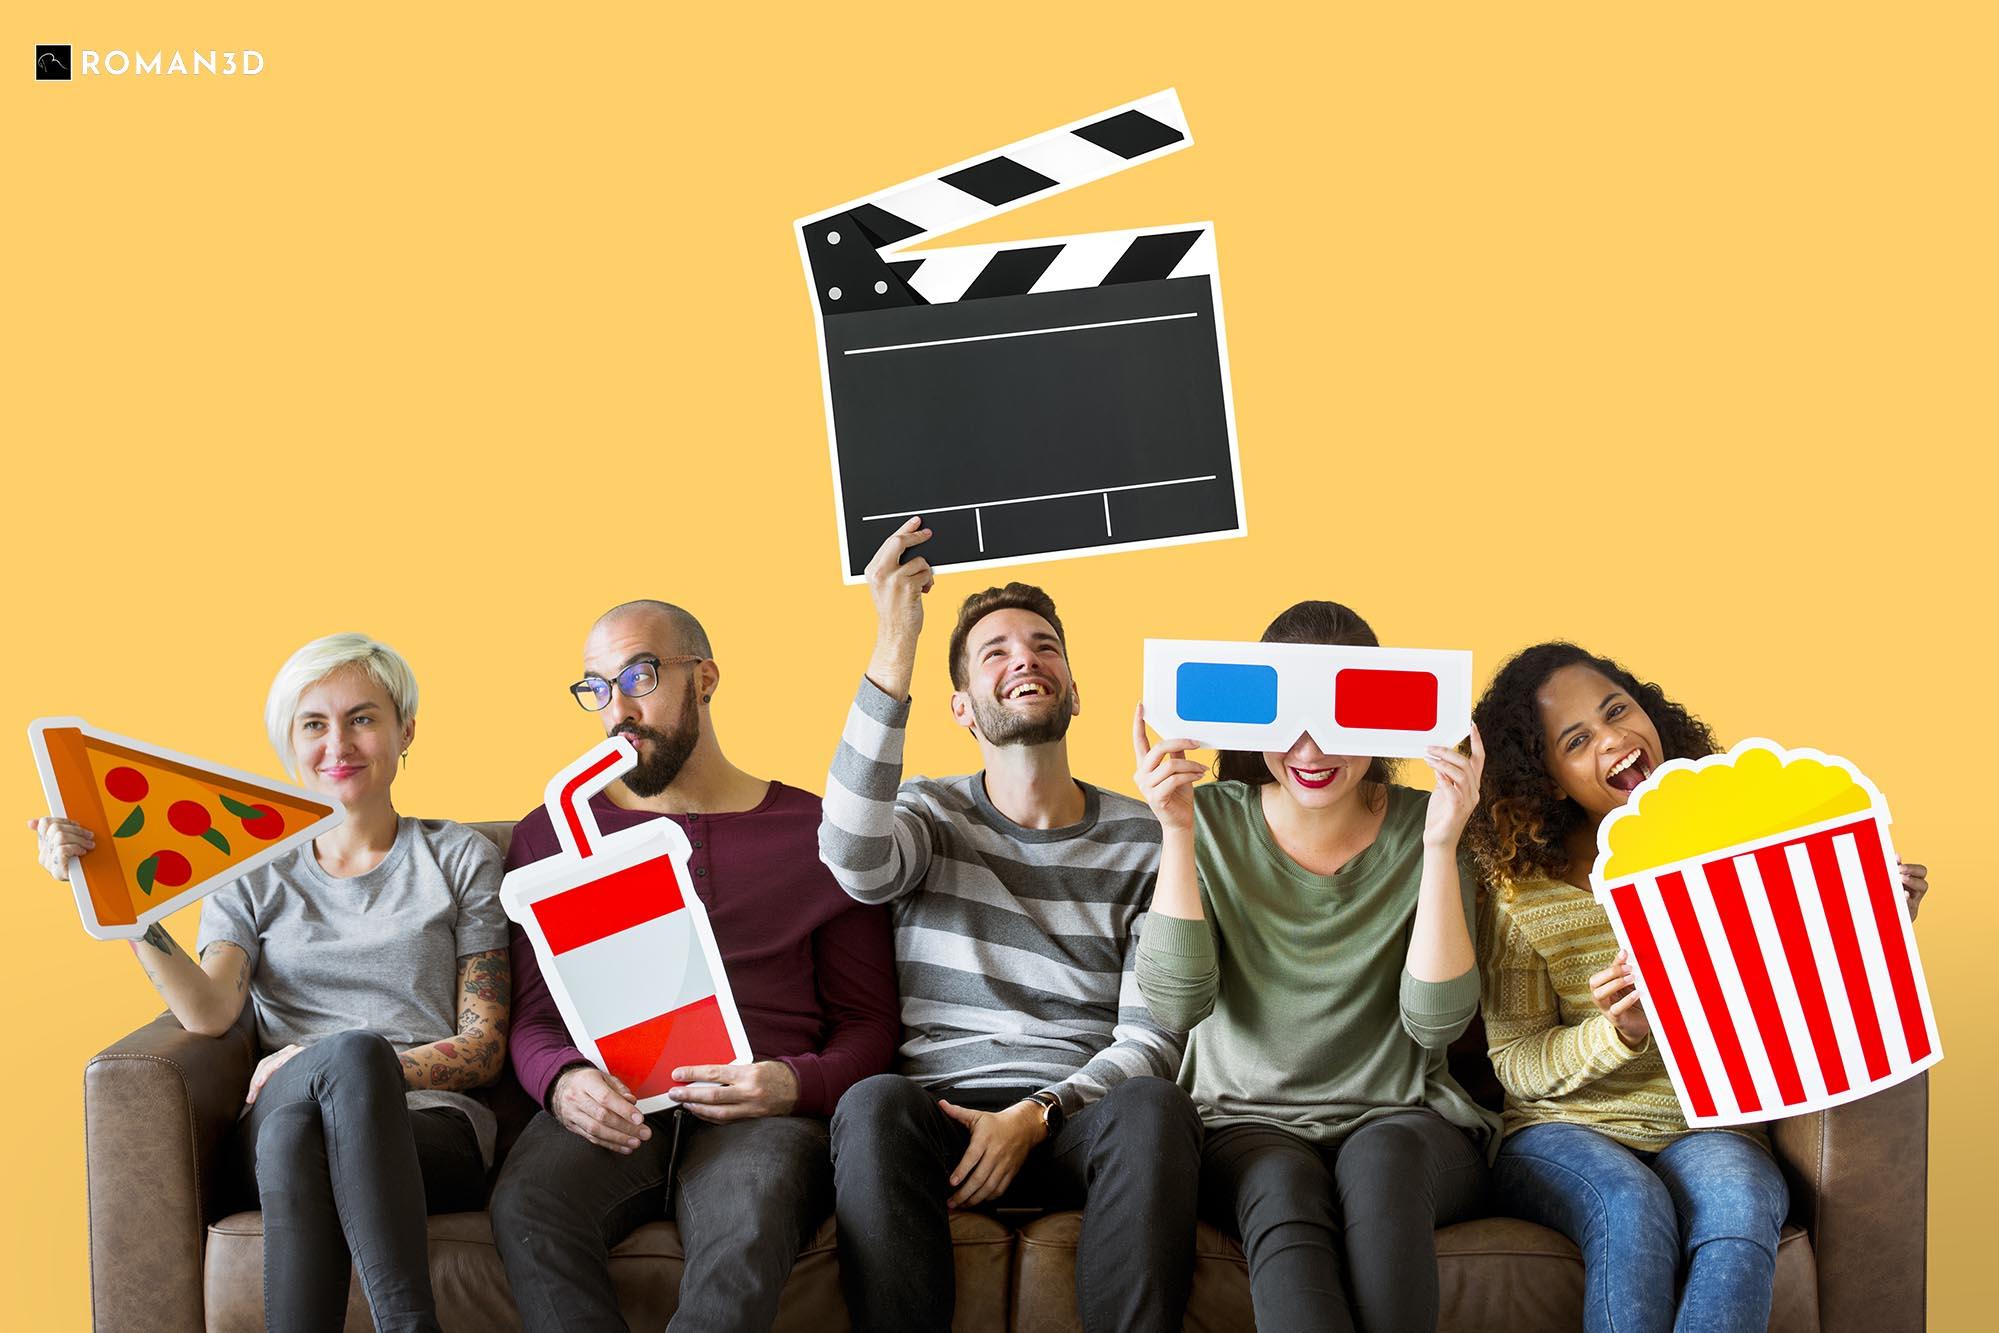 roman3d affiliation marketing affilié programme